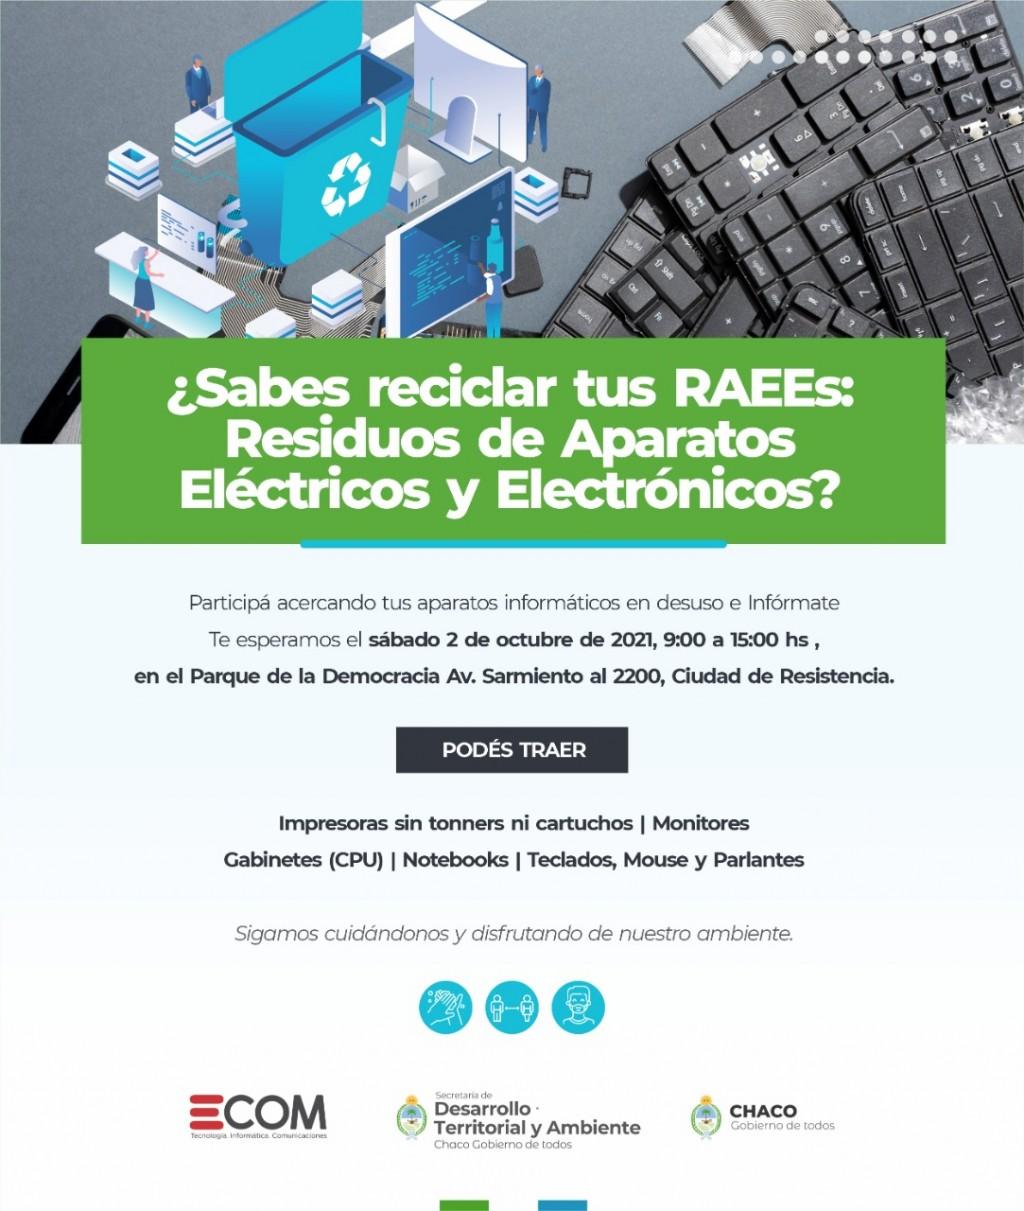 Chaco sostenible: este sábado habrá una jornada de reciclado de residuos electrónicos